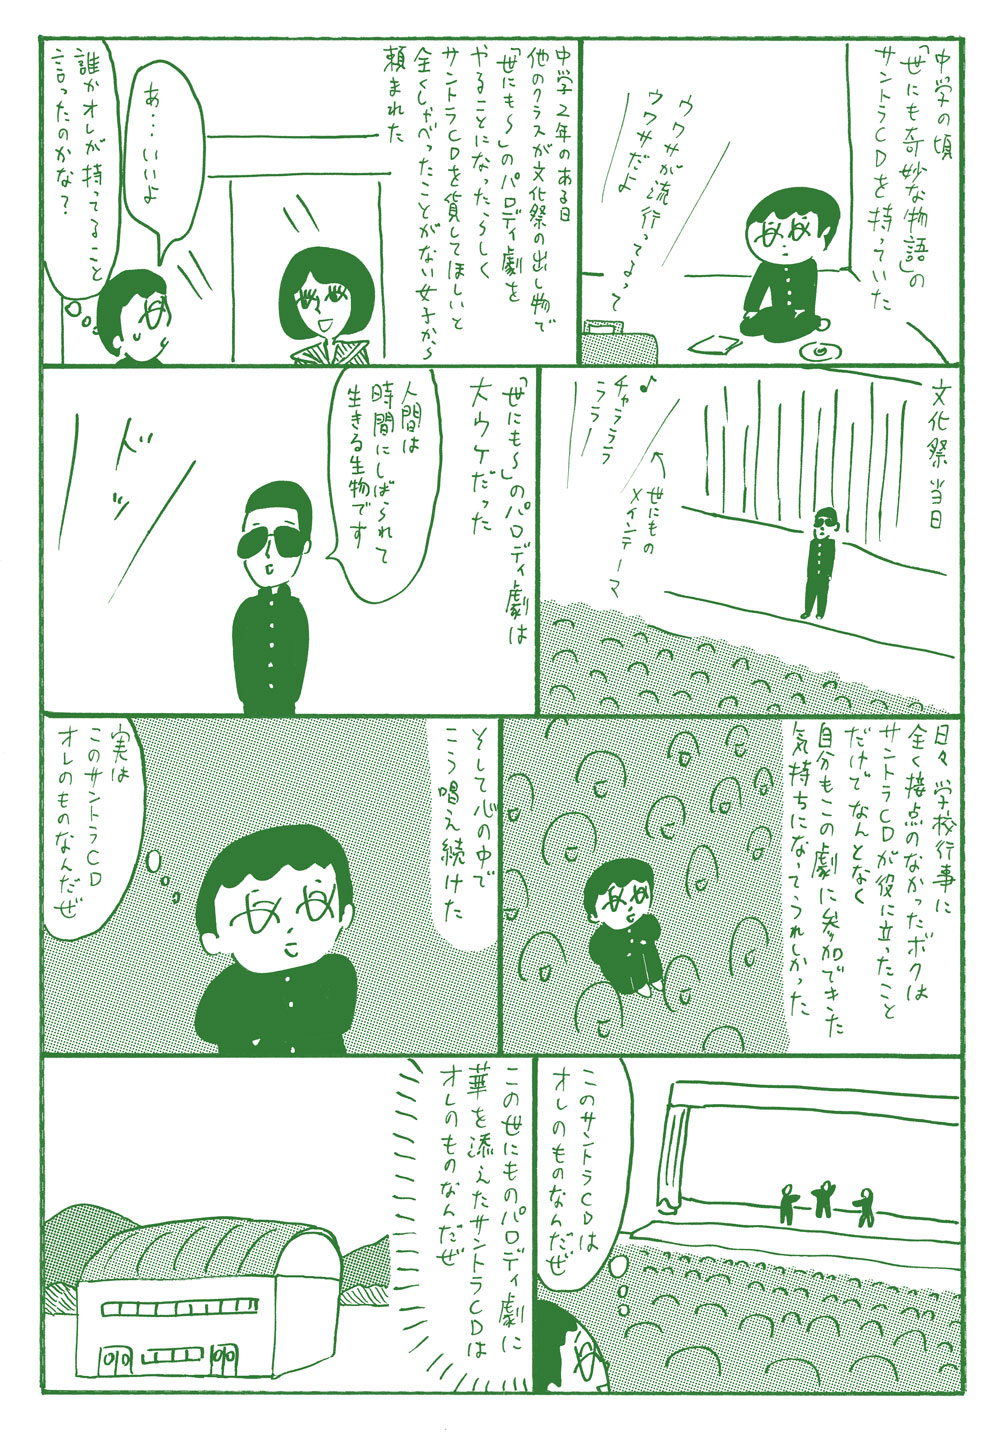 oohashi-009